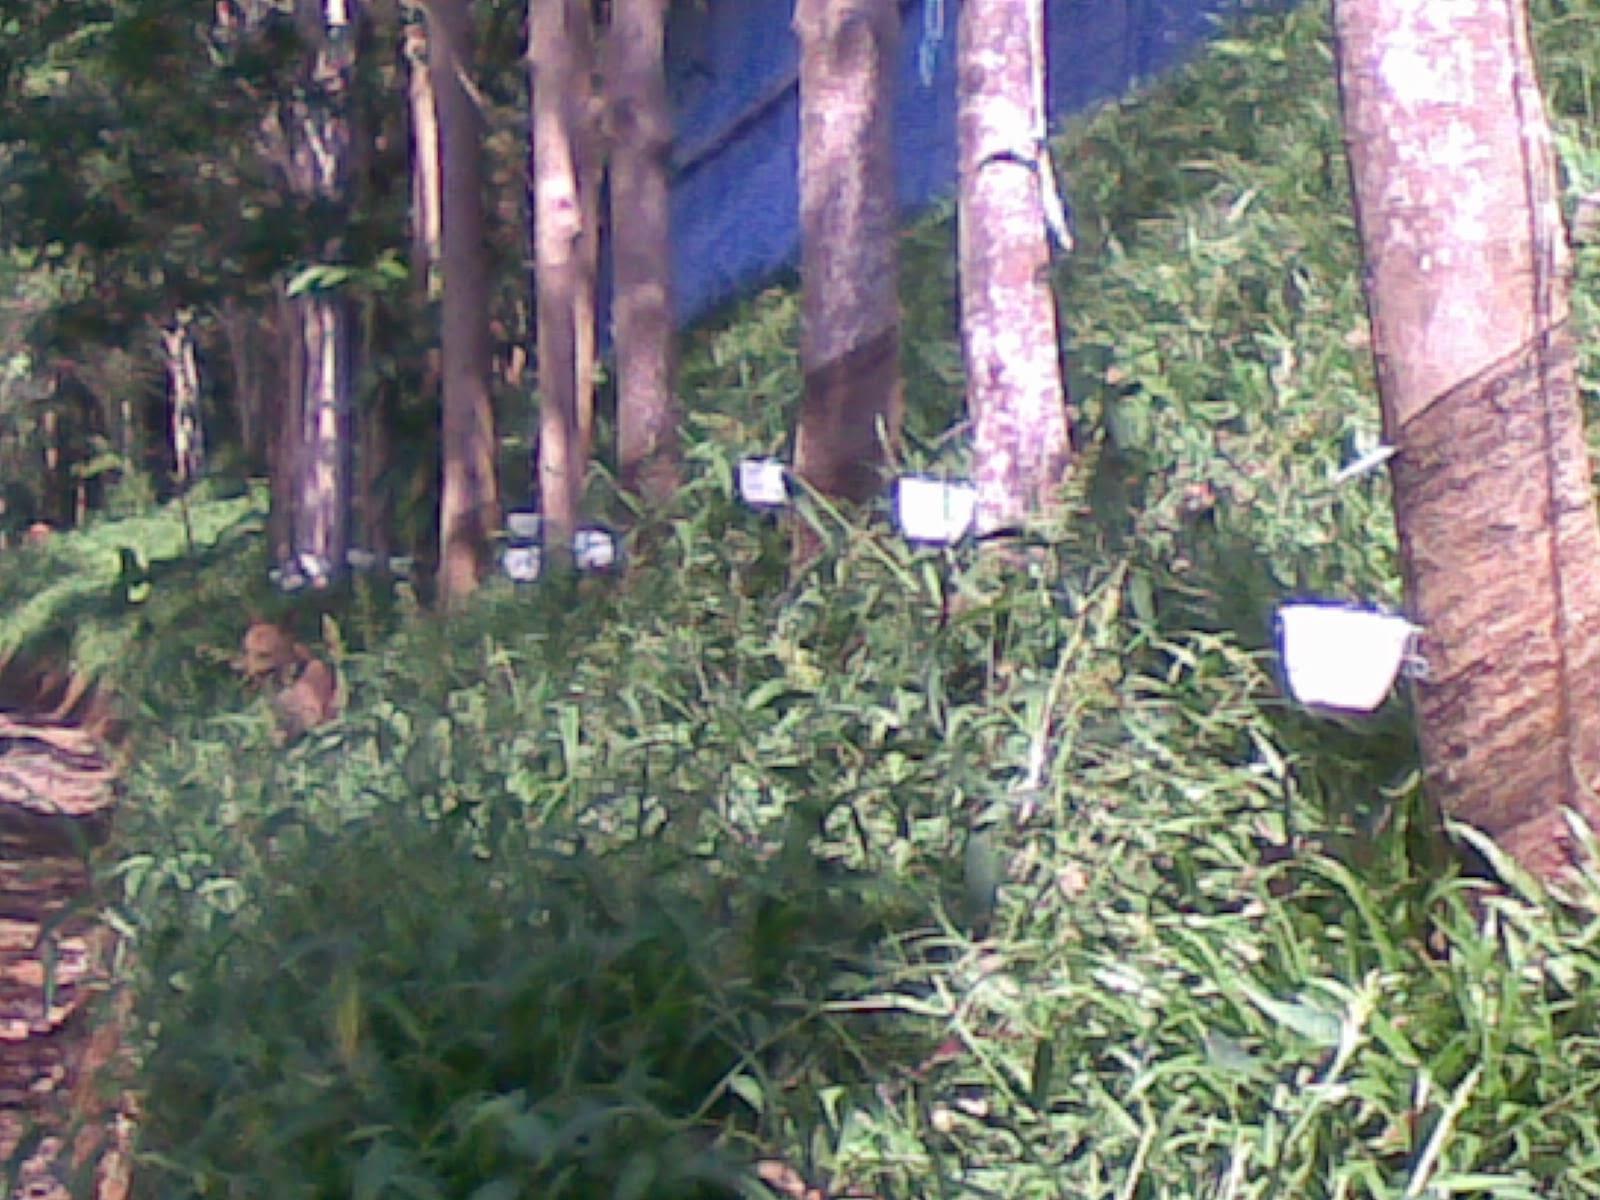 09082014(017) Jual tanah luas 5 Ha, kebun karet yang sudah panen jual tanah di sukaresmi